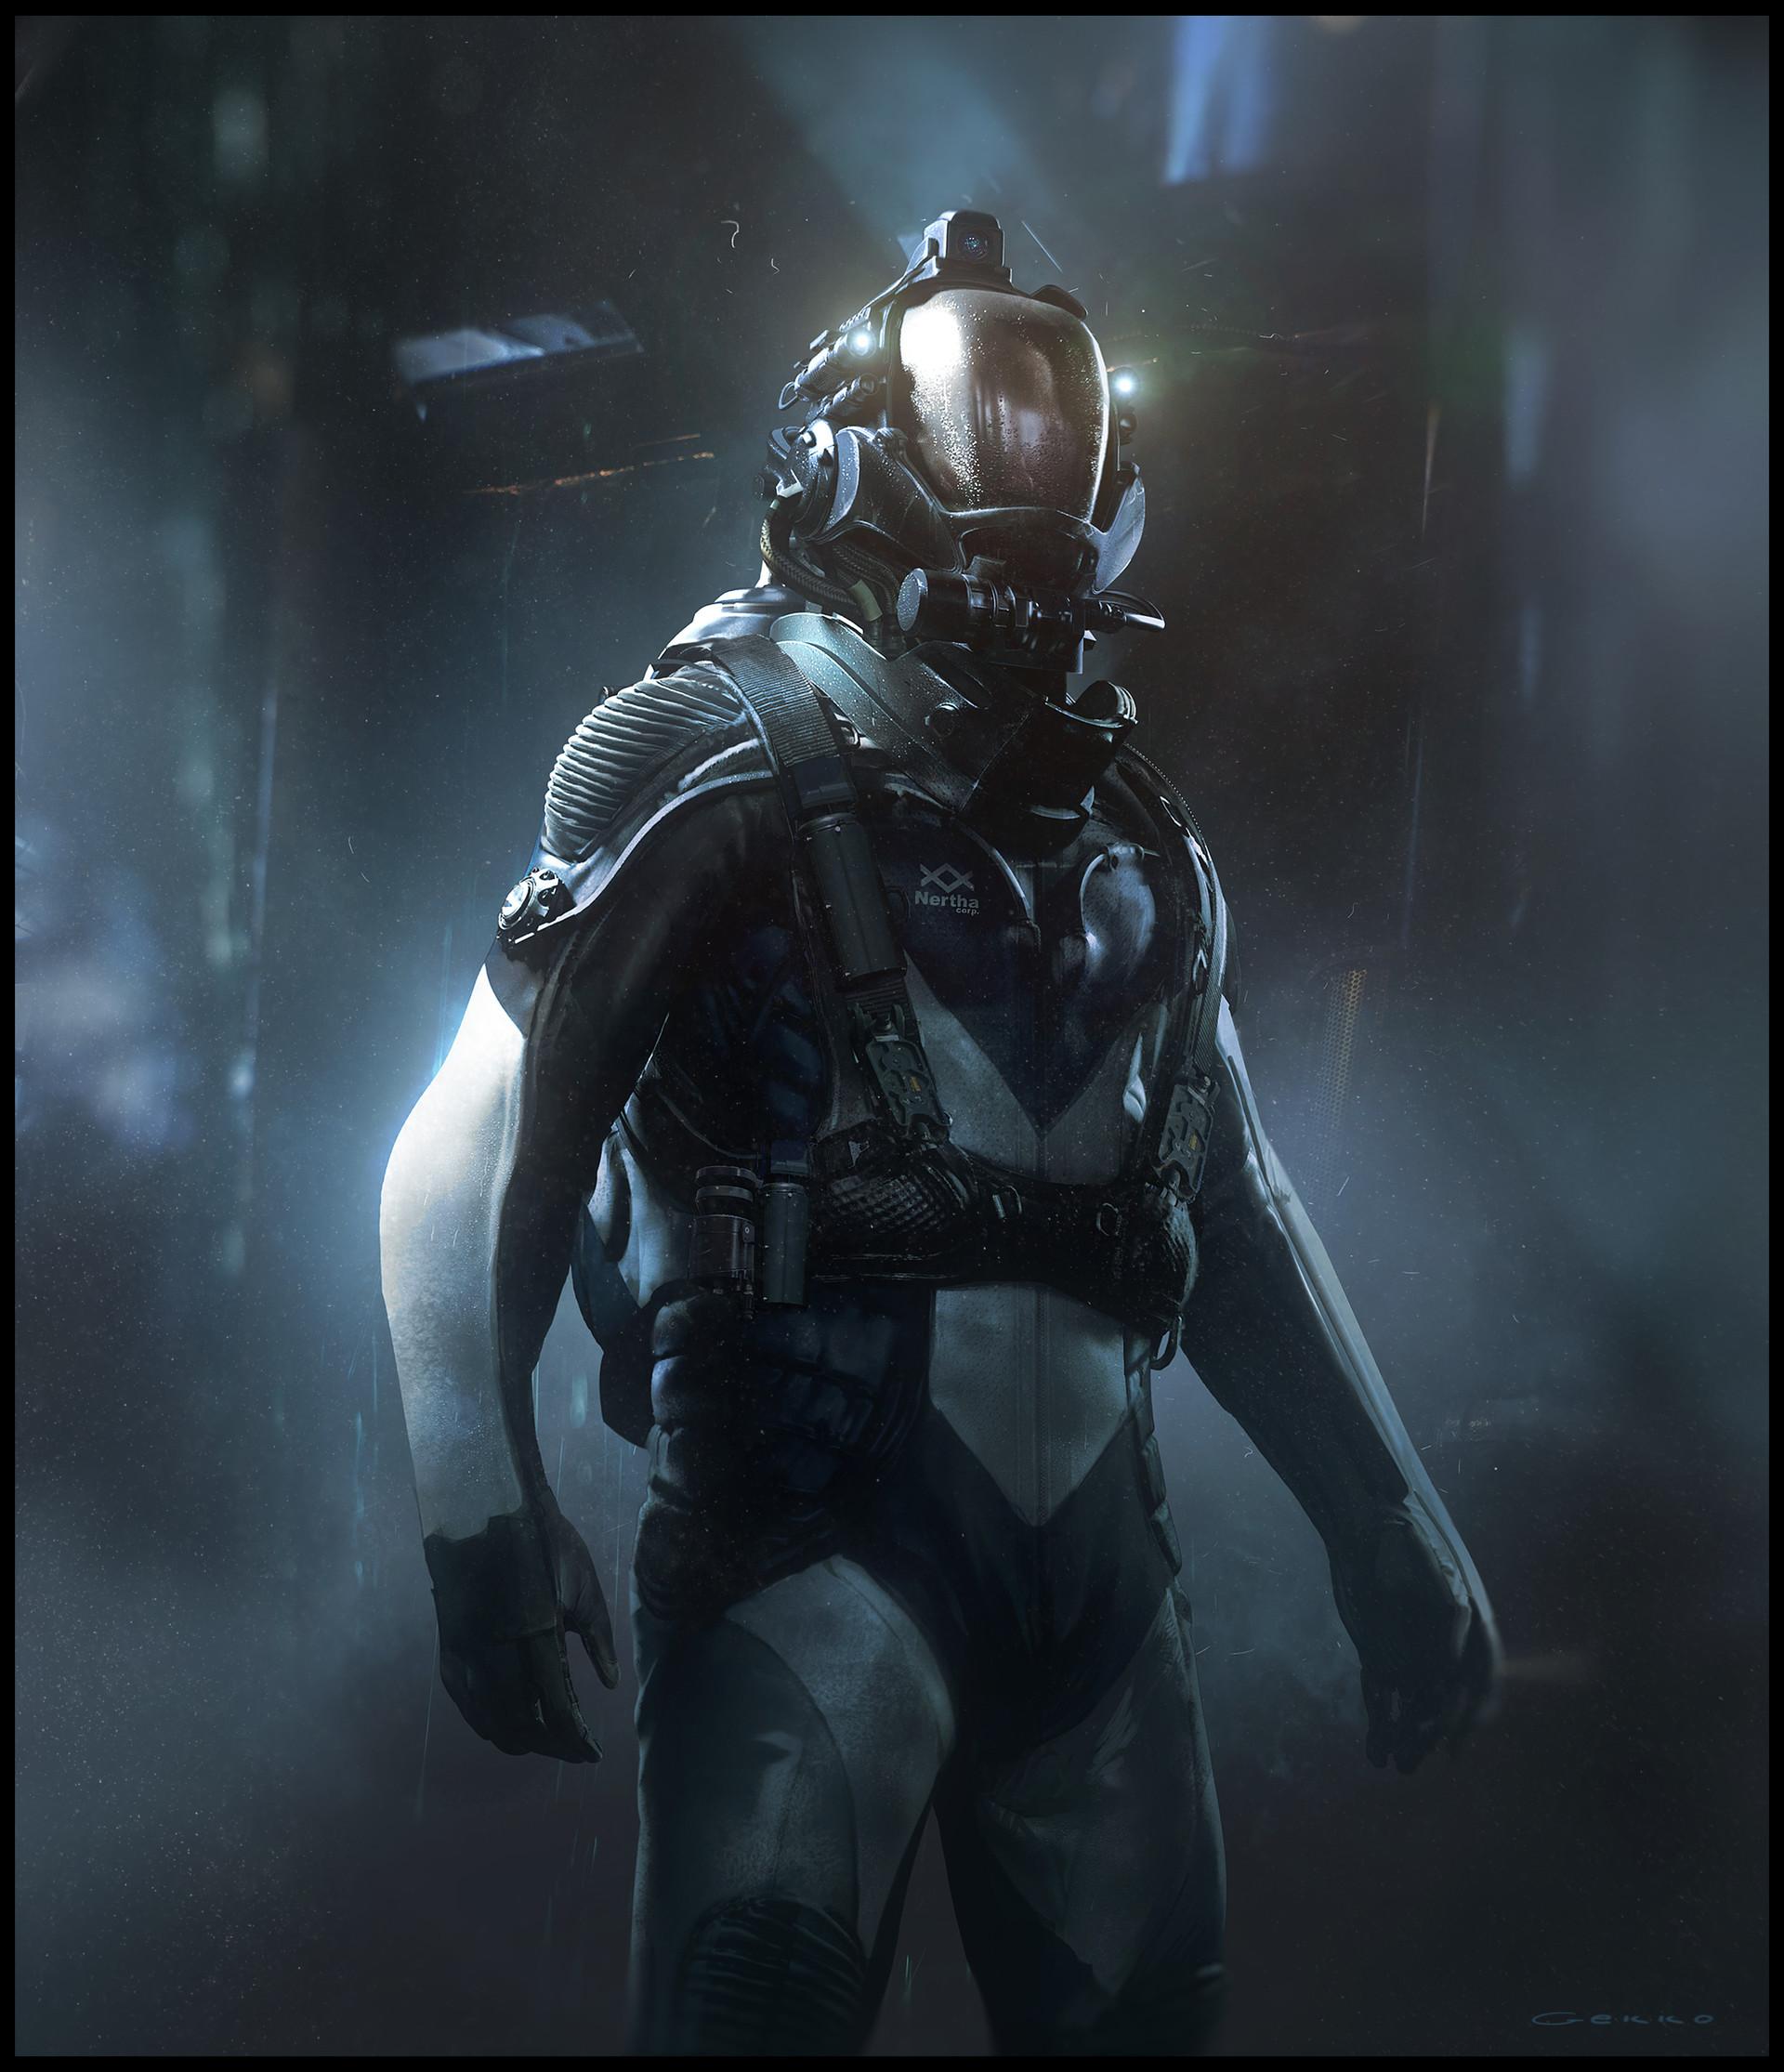 ArtStation - Diving suit